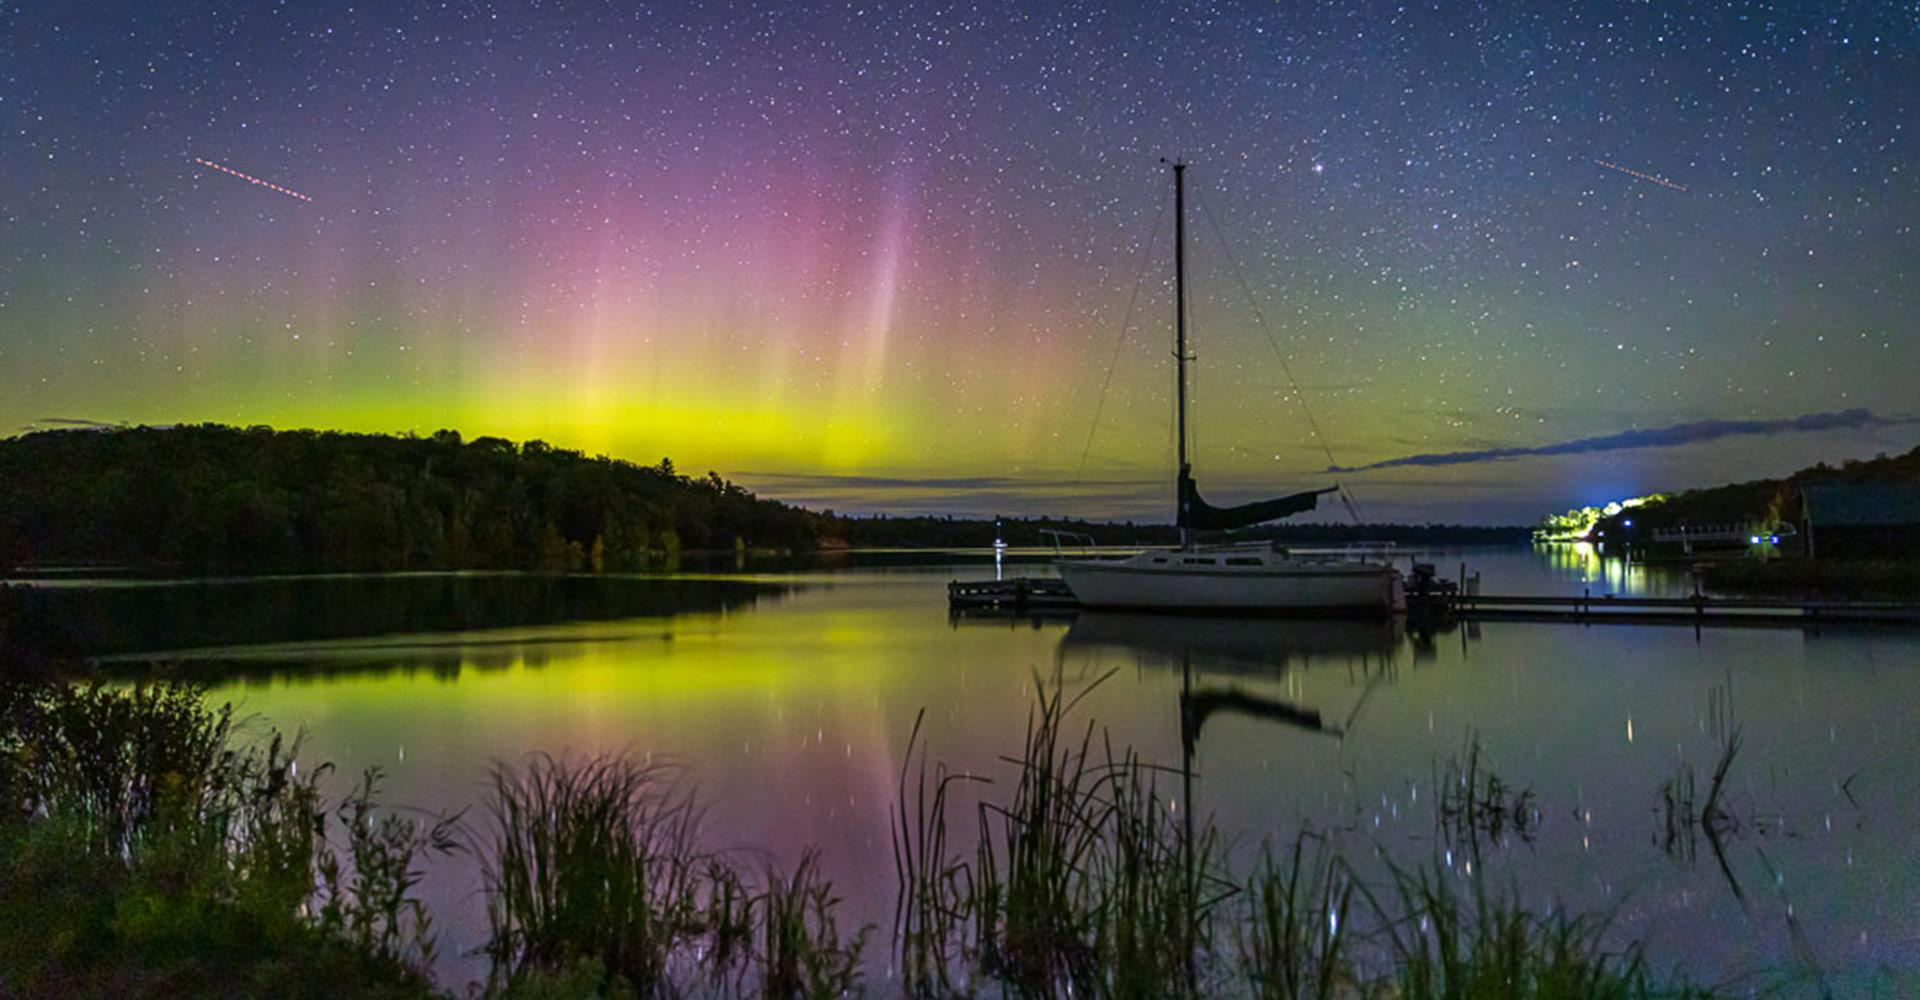 Gawas-Bay-Sailboat-and-Aurora-Borealis-Sept